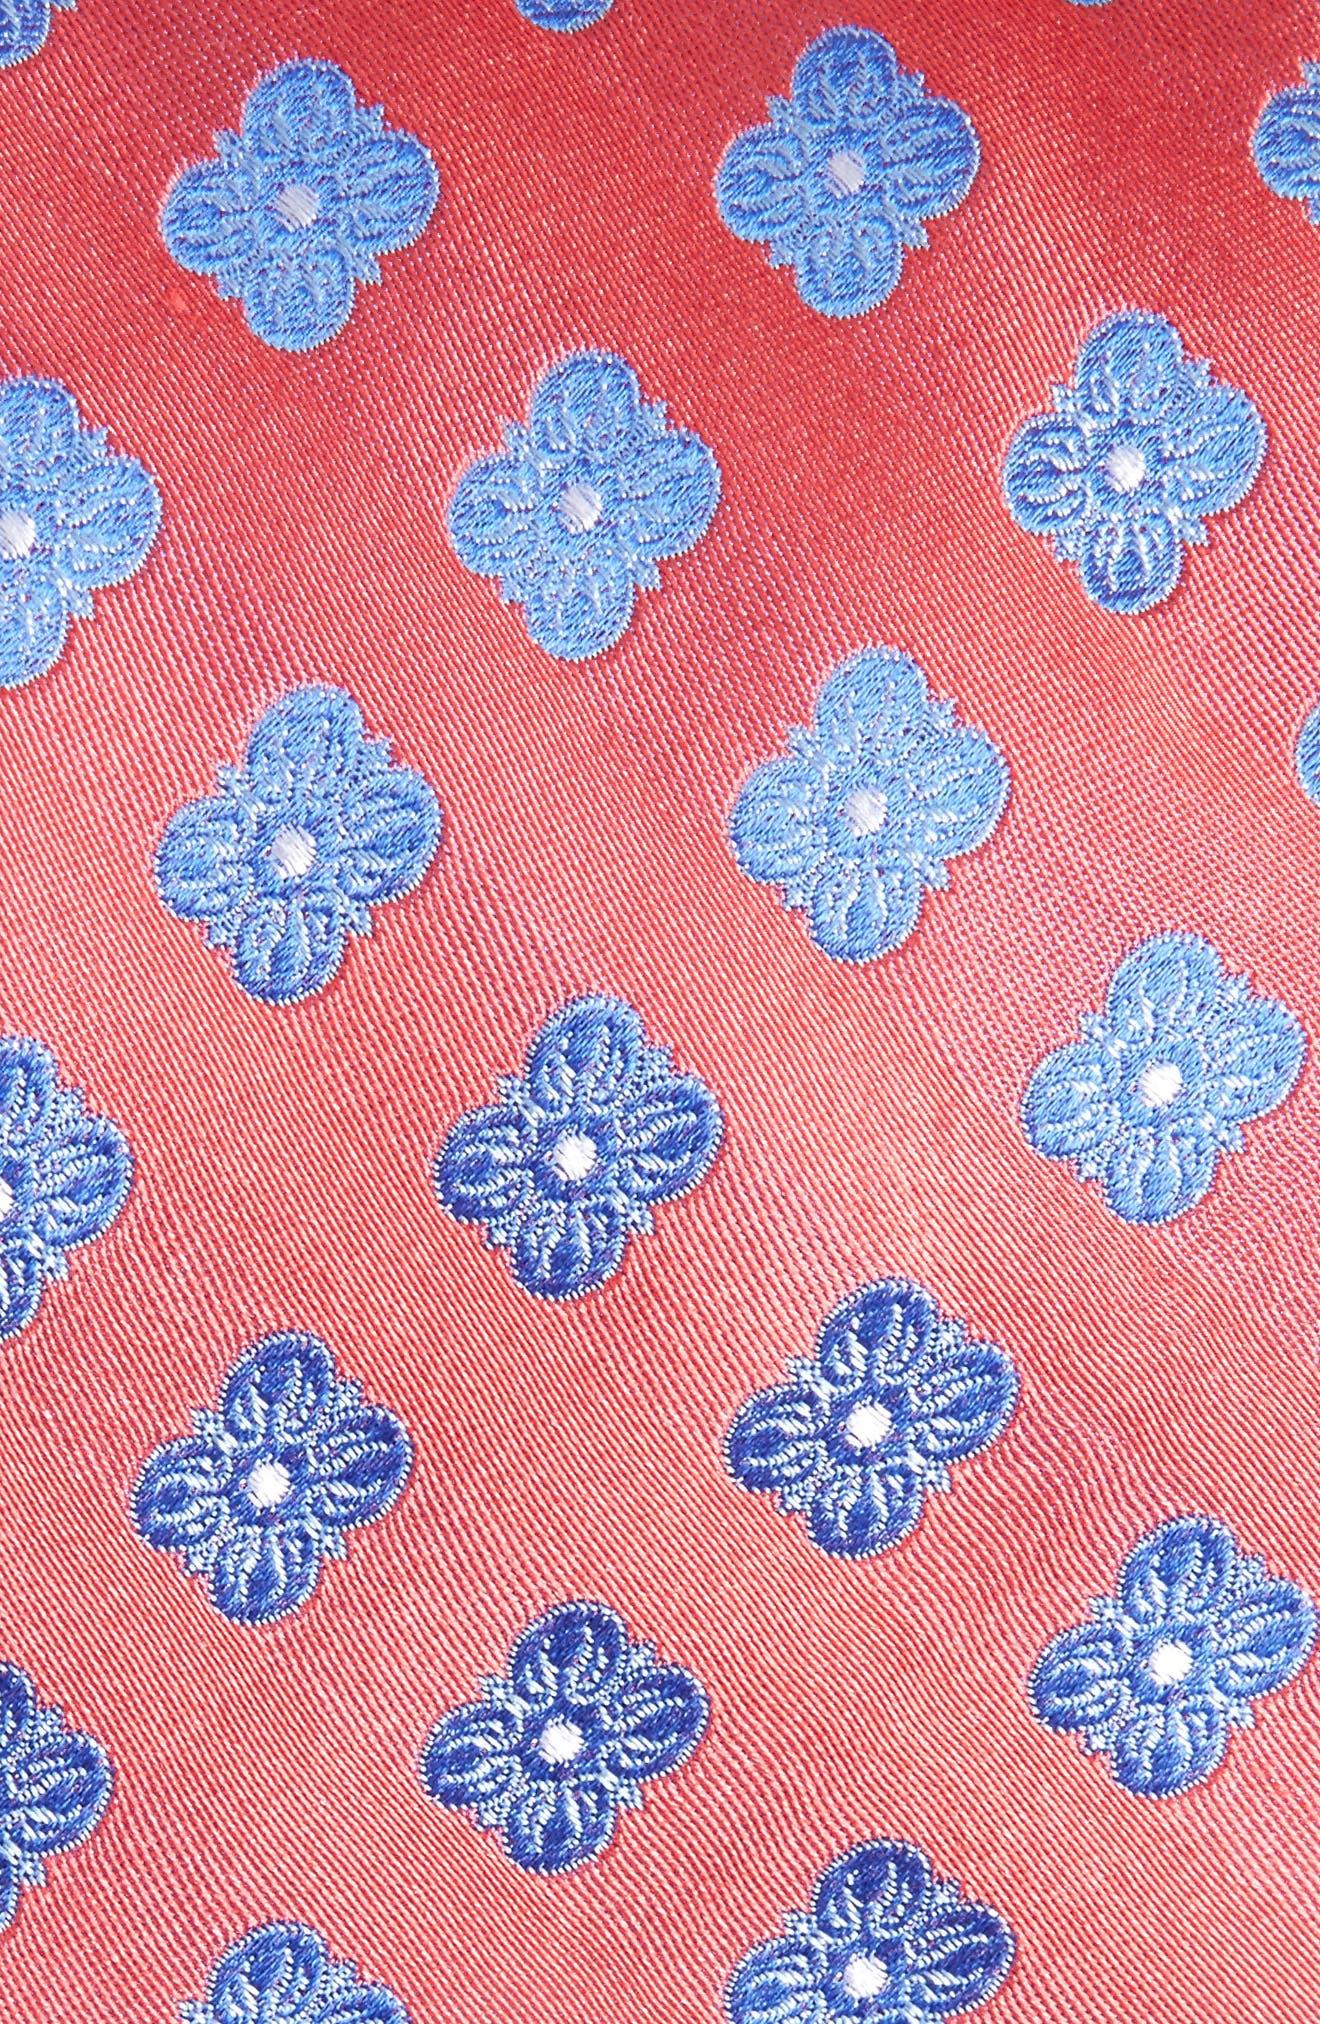 Alternate Image 2  - Nordstrom Men's Shop Cameron Floral Medallion Silk Tie